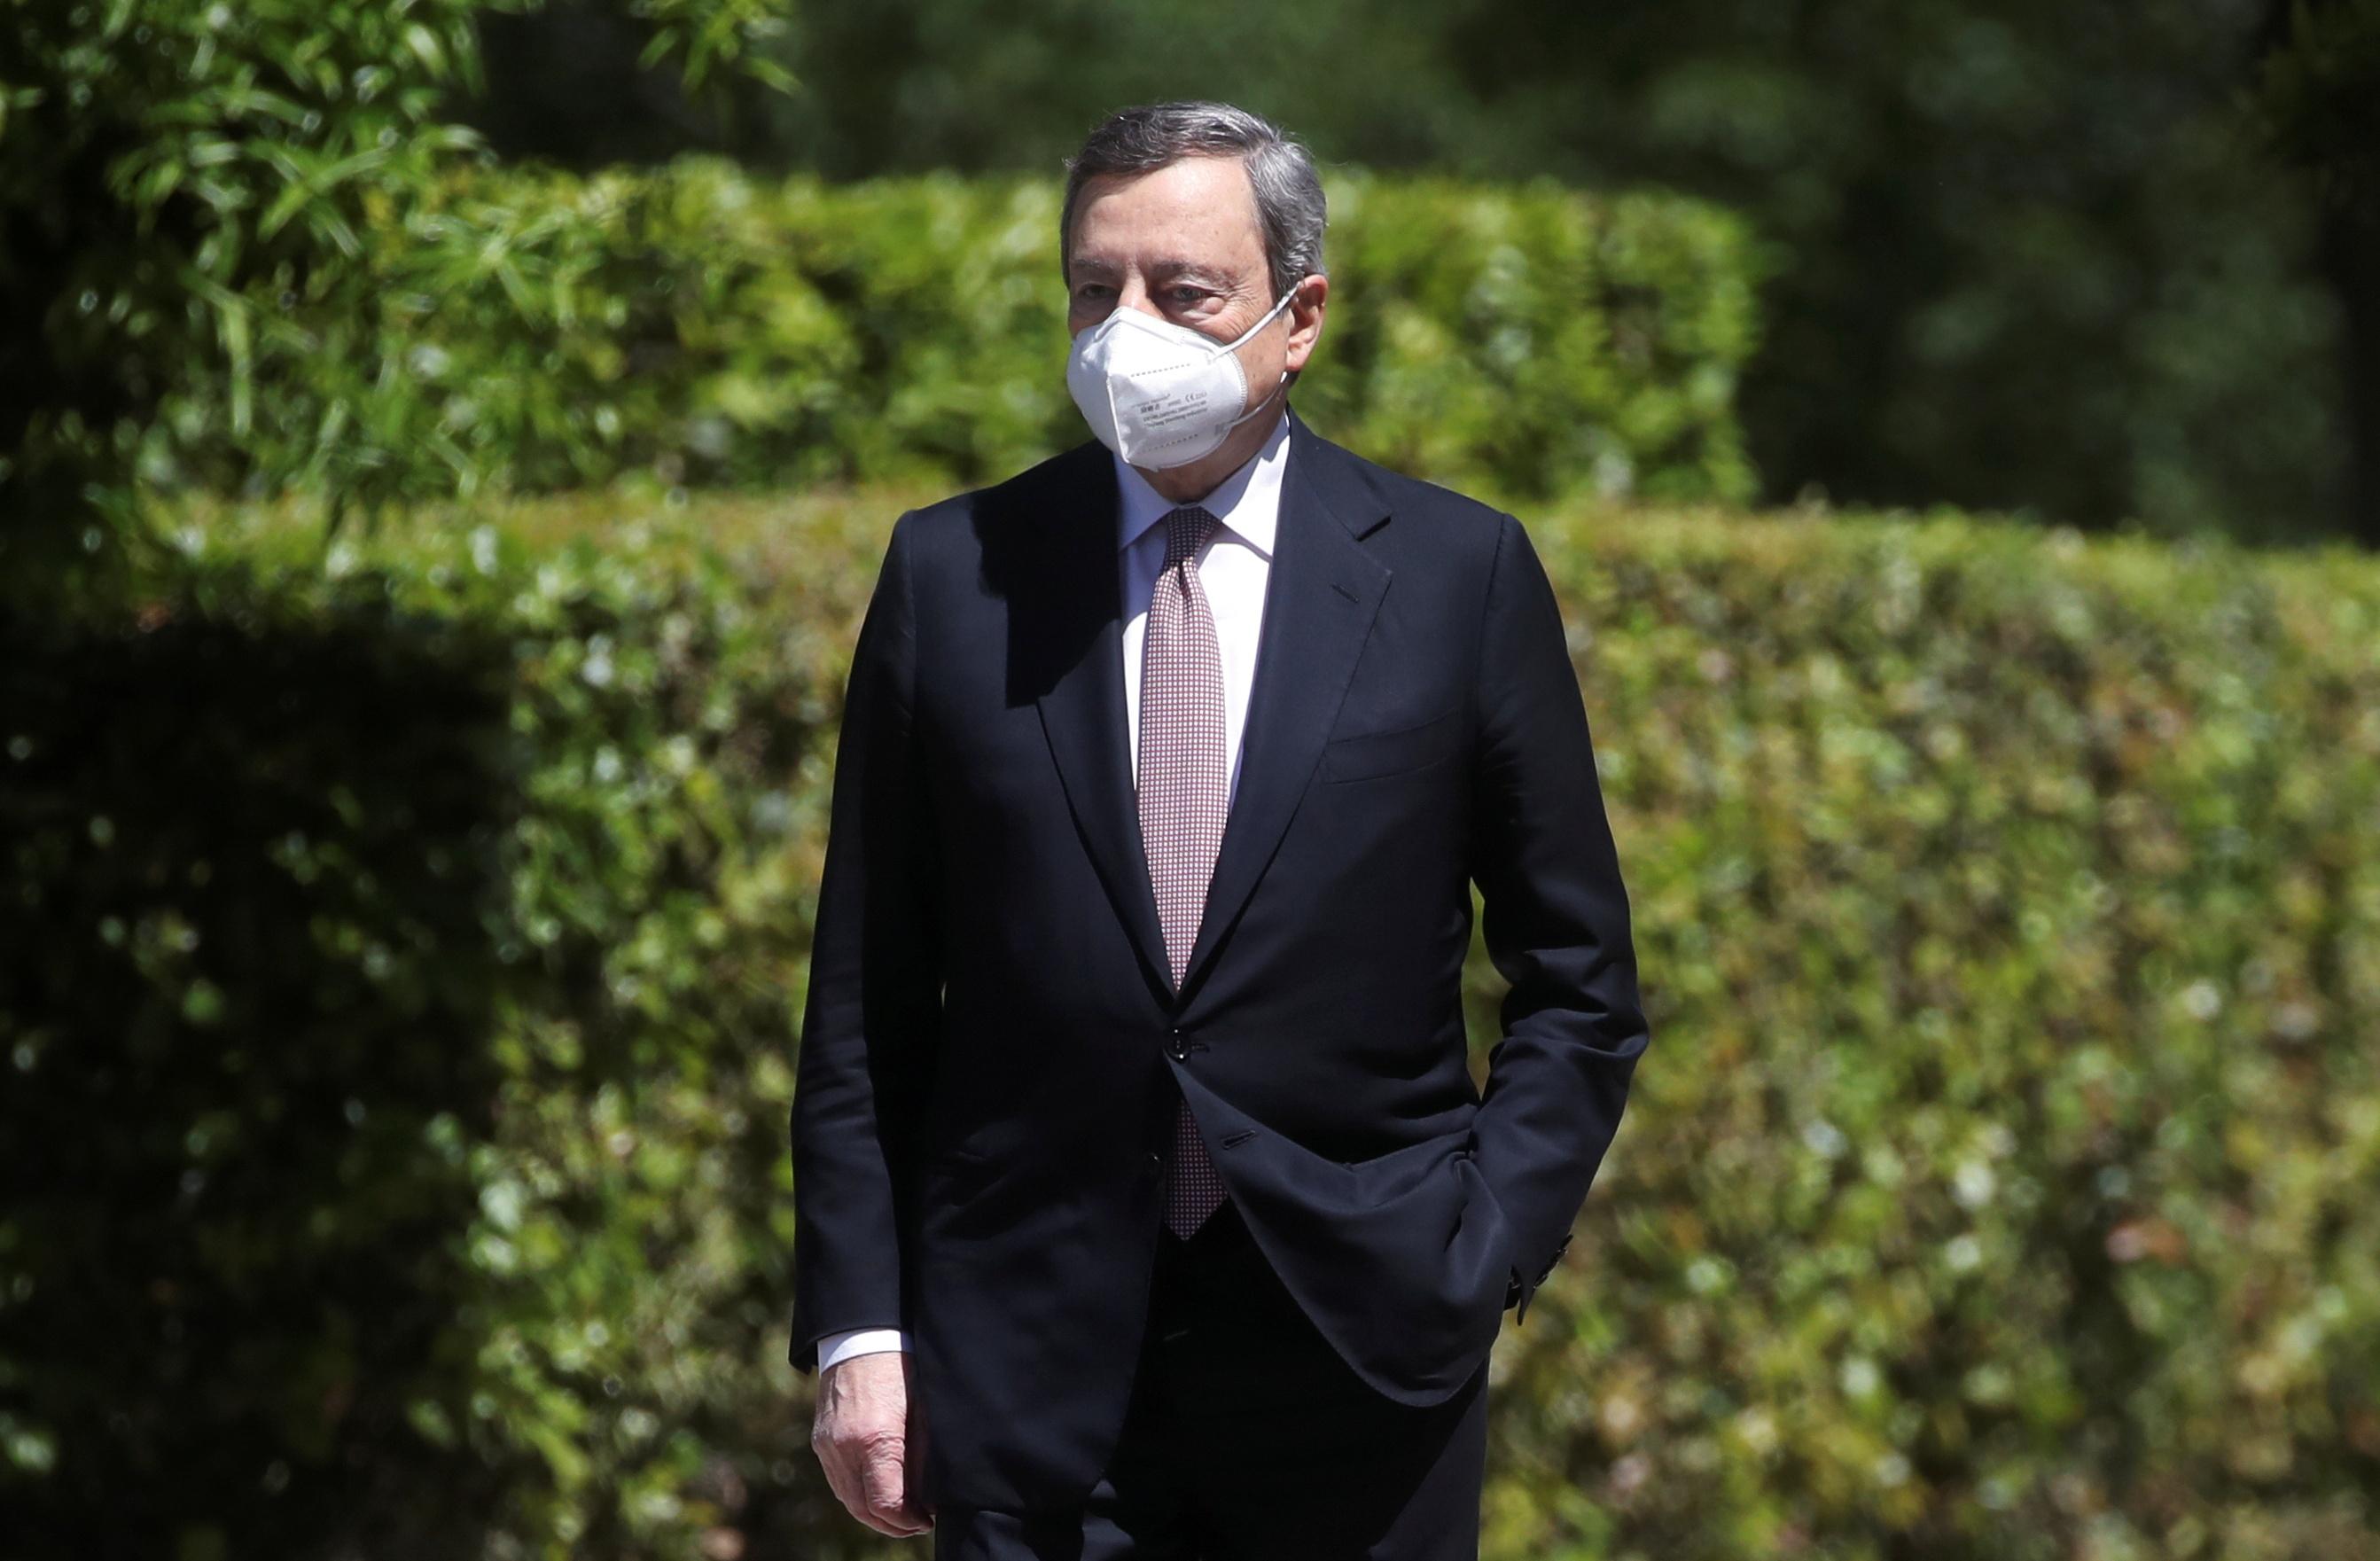 마리오 드라기 이탈리아 총리가 20년 21월 2021일 이탈리아 로마의 빌라 팜필지에서 열린 세계 보건 위기에 관한 가상 GXNUMX 정상회의에 참석하기 위해 도착하고 있다. REUTERS/Yara Nardi